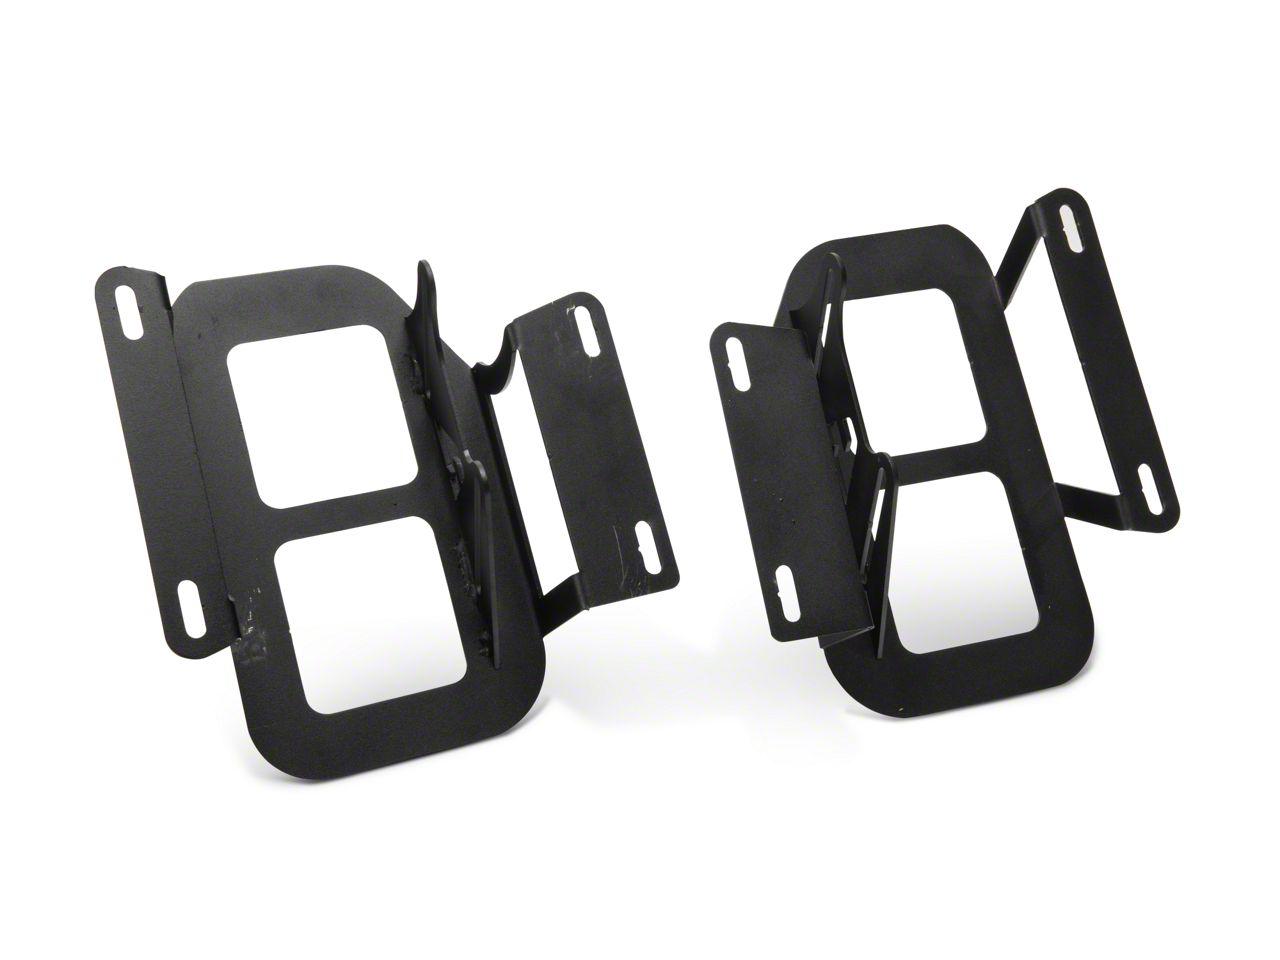 LED Cube Fog Light Mounting Brackets (15-17 F-150, Excluding Raptor)